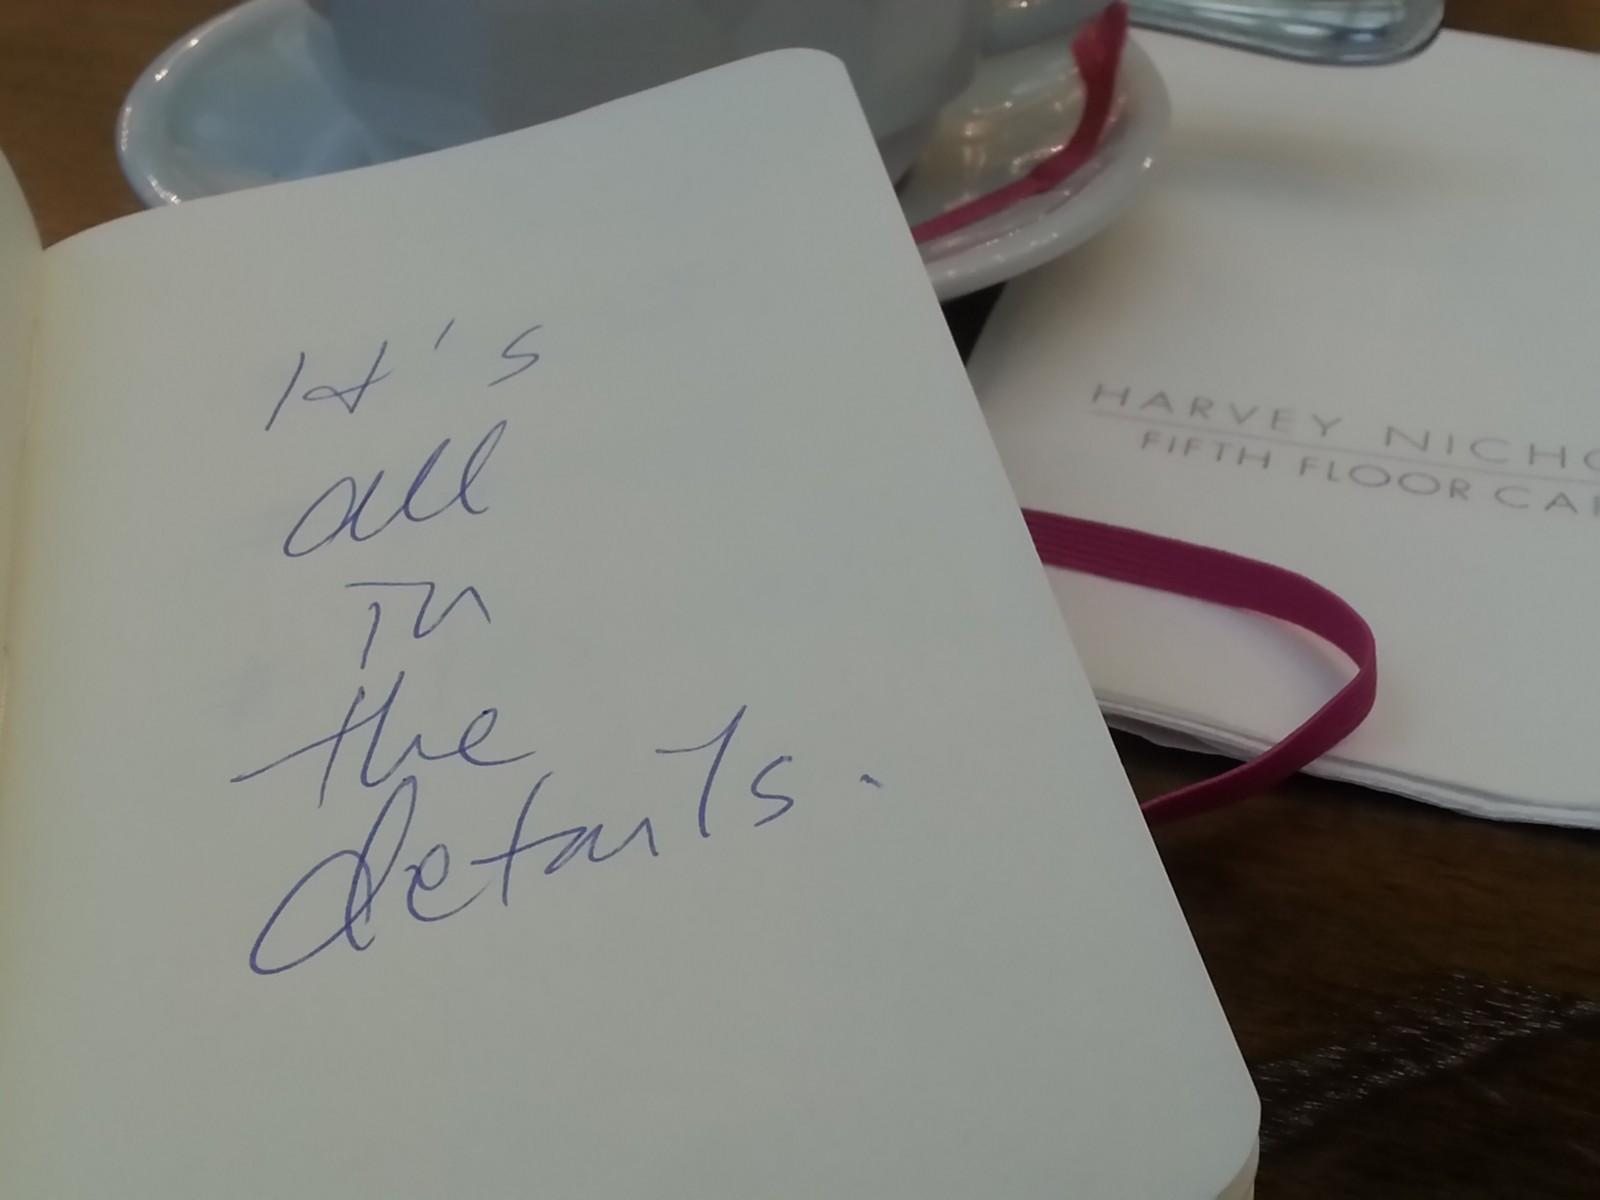 Harvey Nicholsin kahviossa kaikki detaljit ovat kohdallaan.